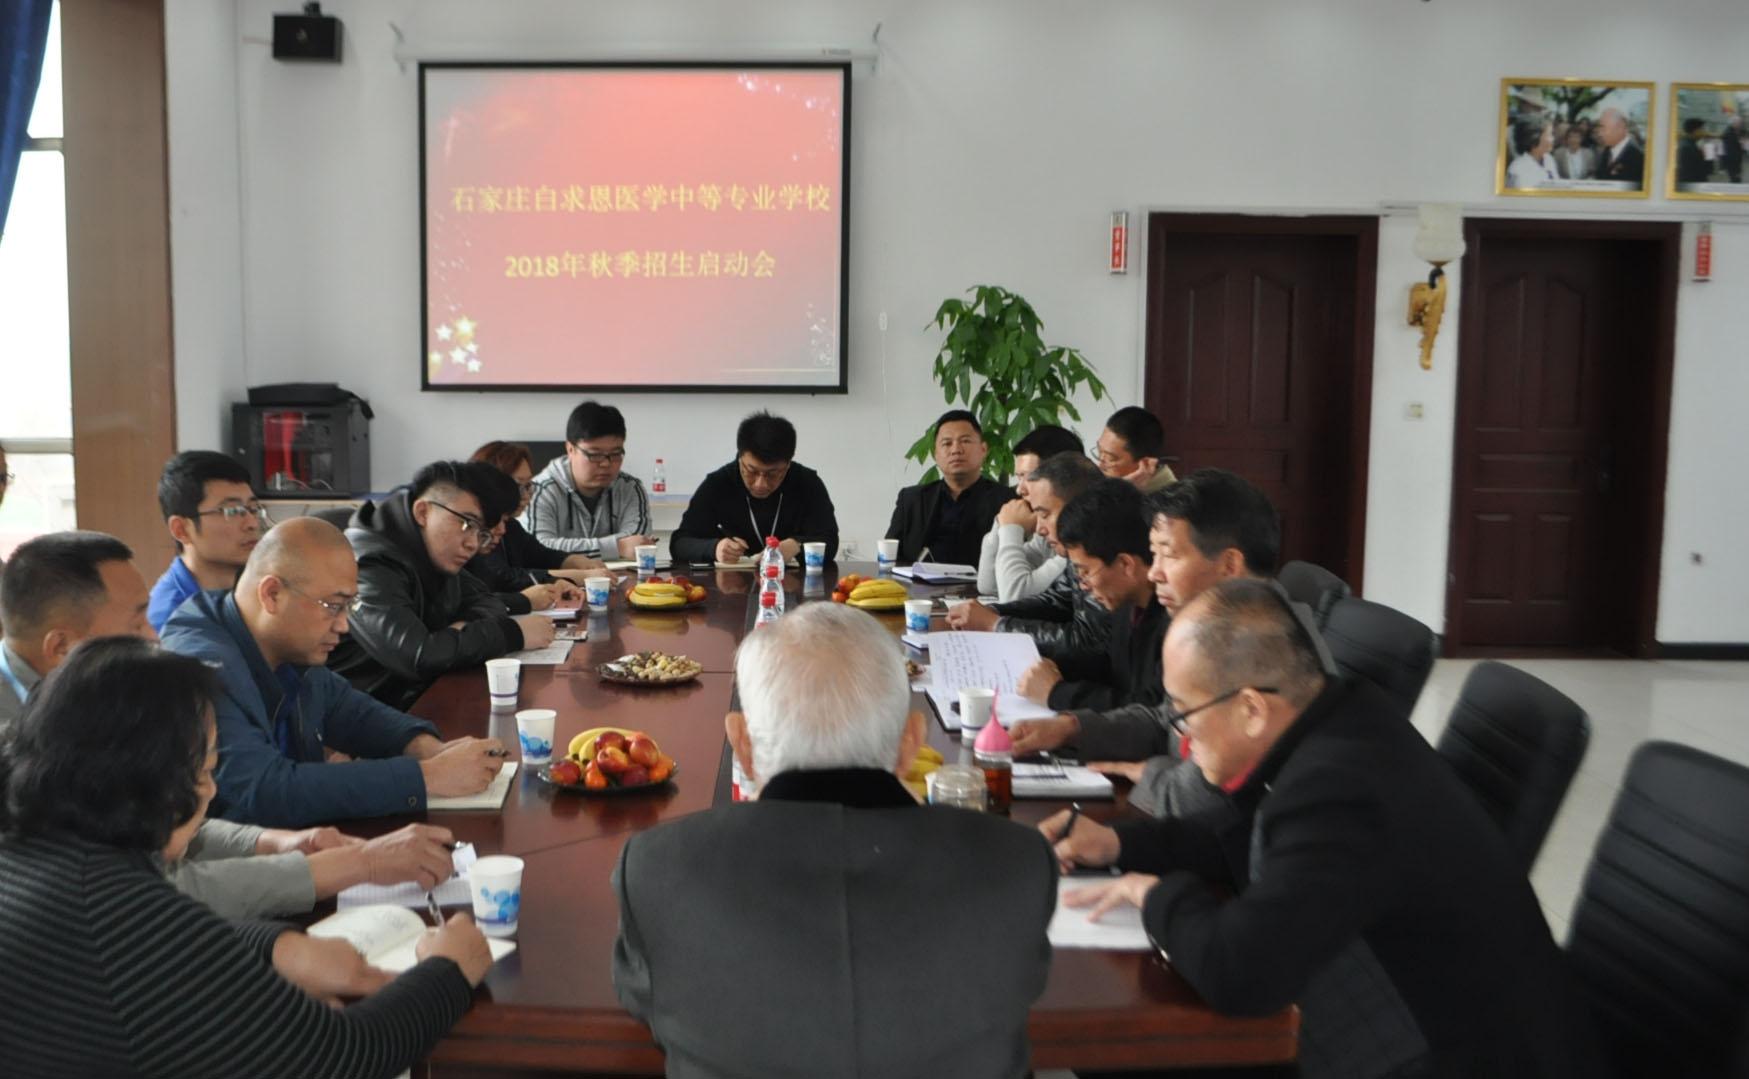 石家庄白求恩医学院成功召开2018年秋季招生启动会